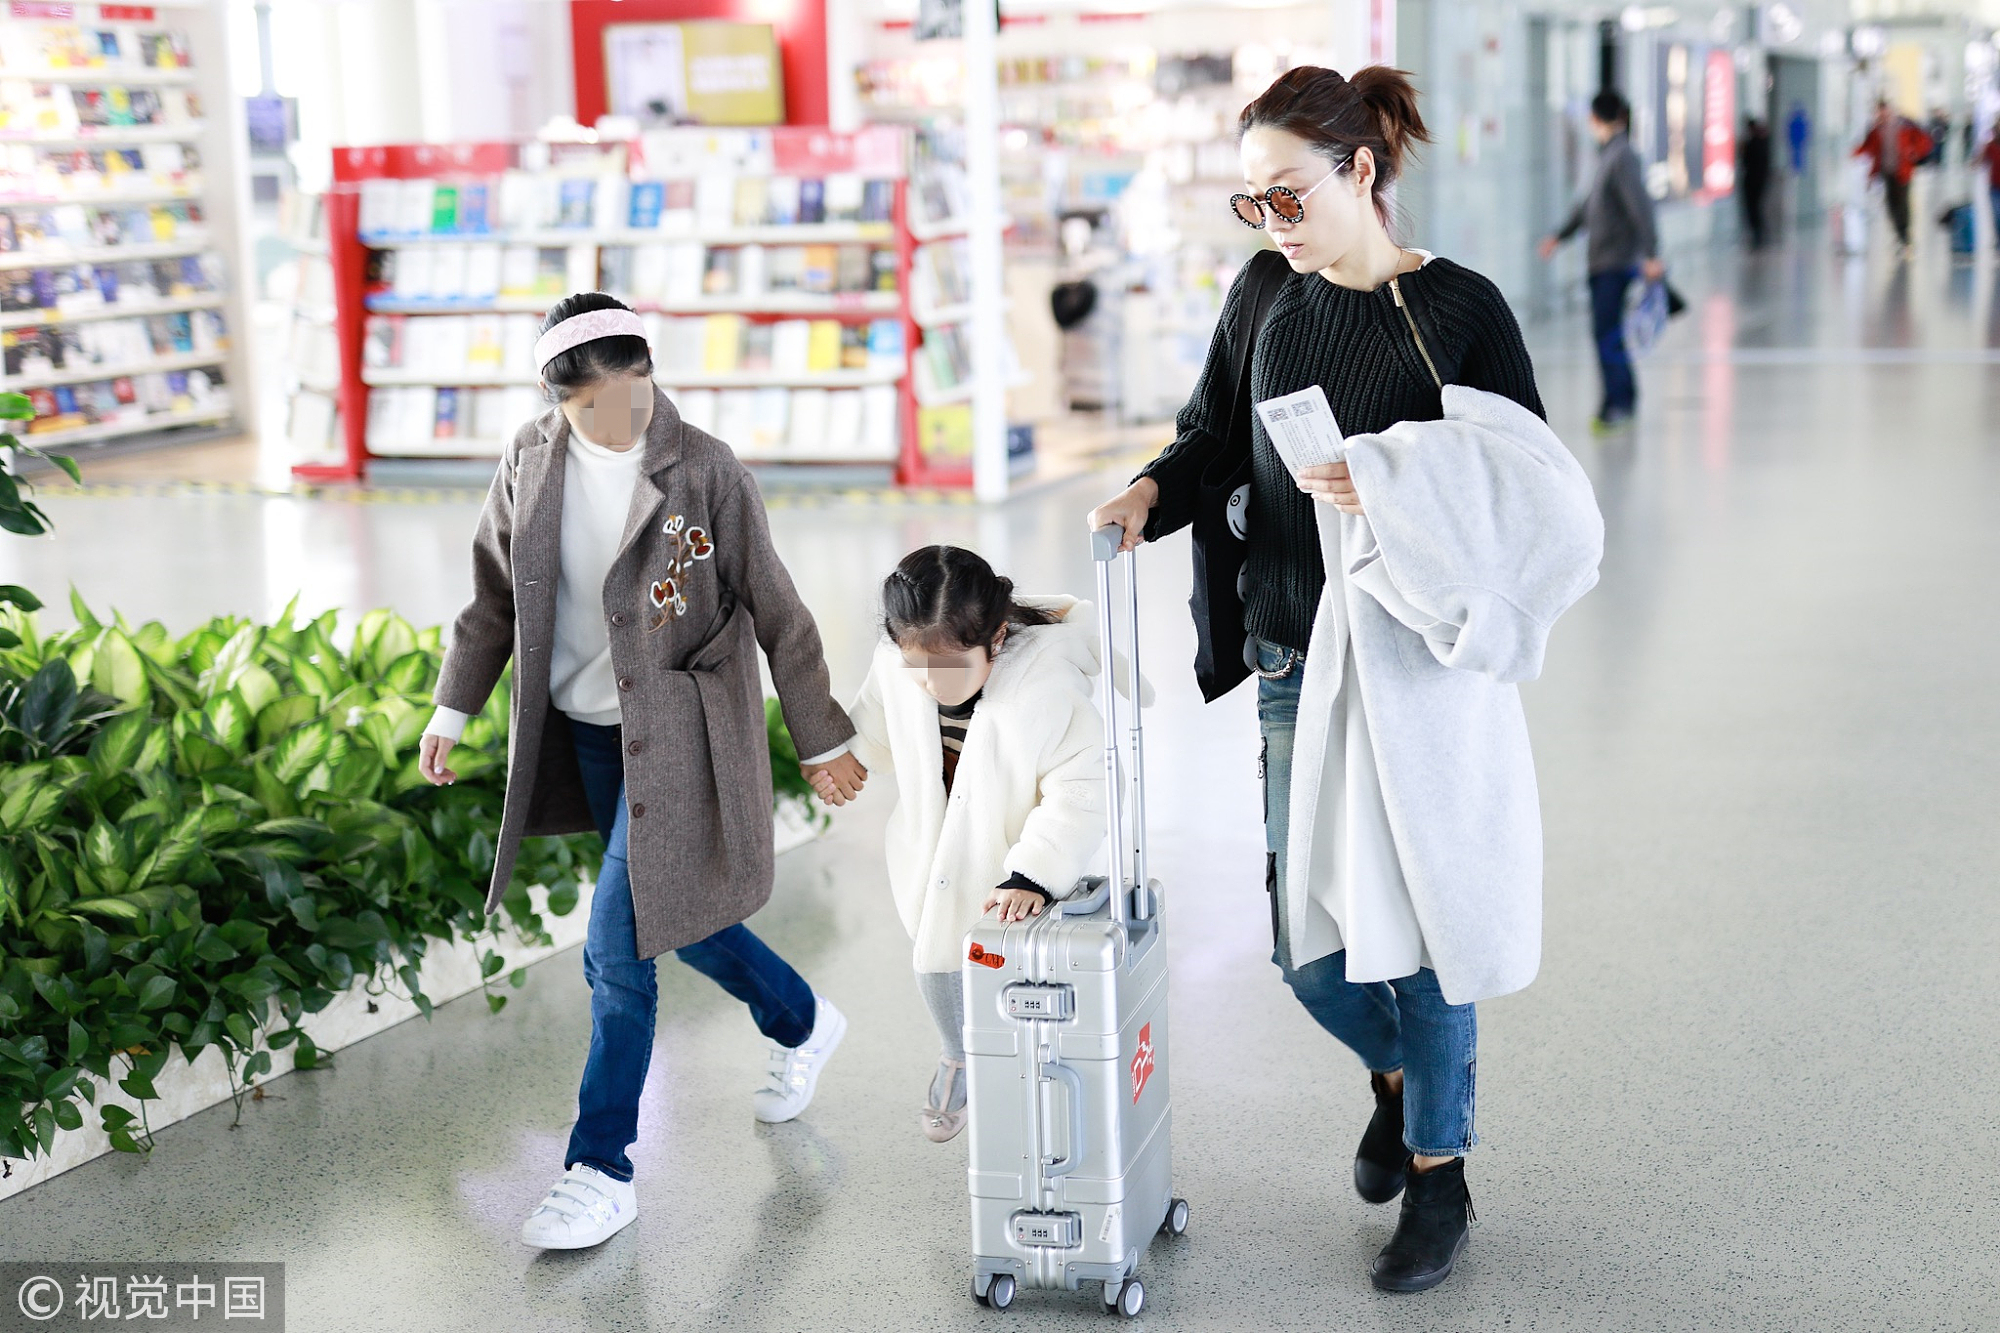 马伊琍皮肤白皙惹人羡 女儿帮忙推行李箱乖巧懂事